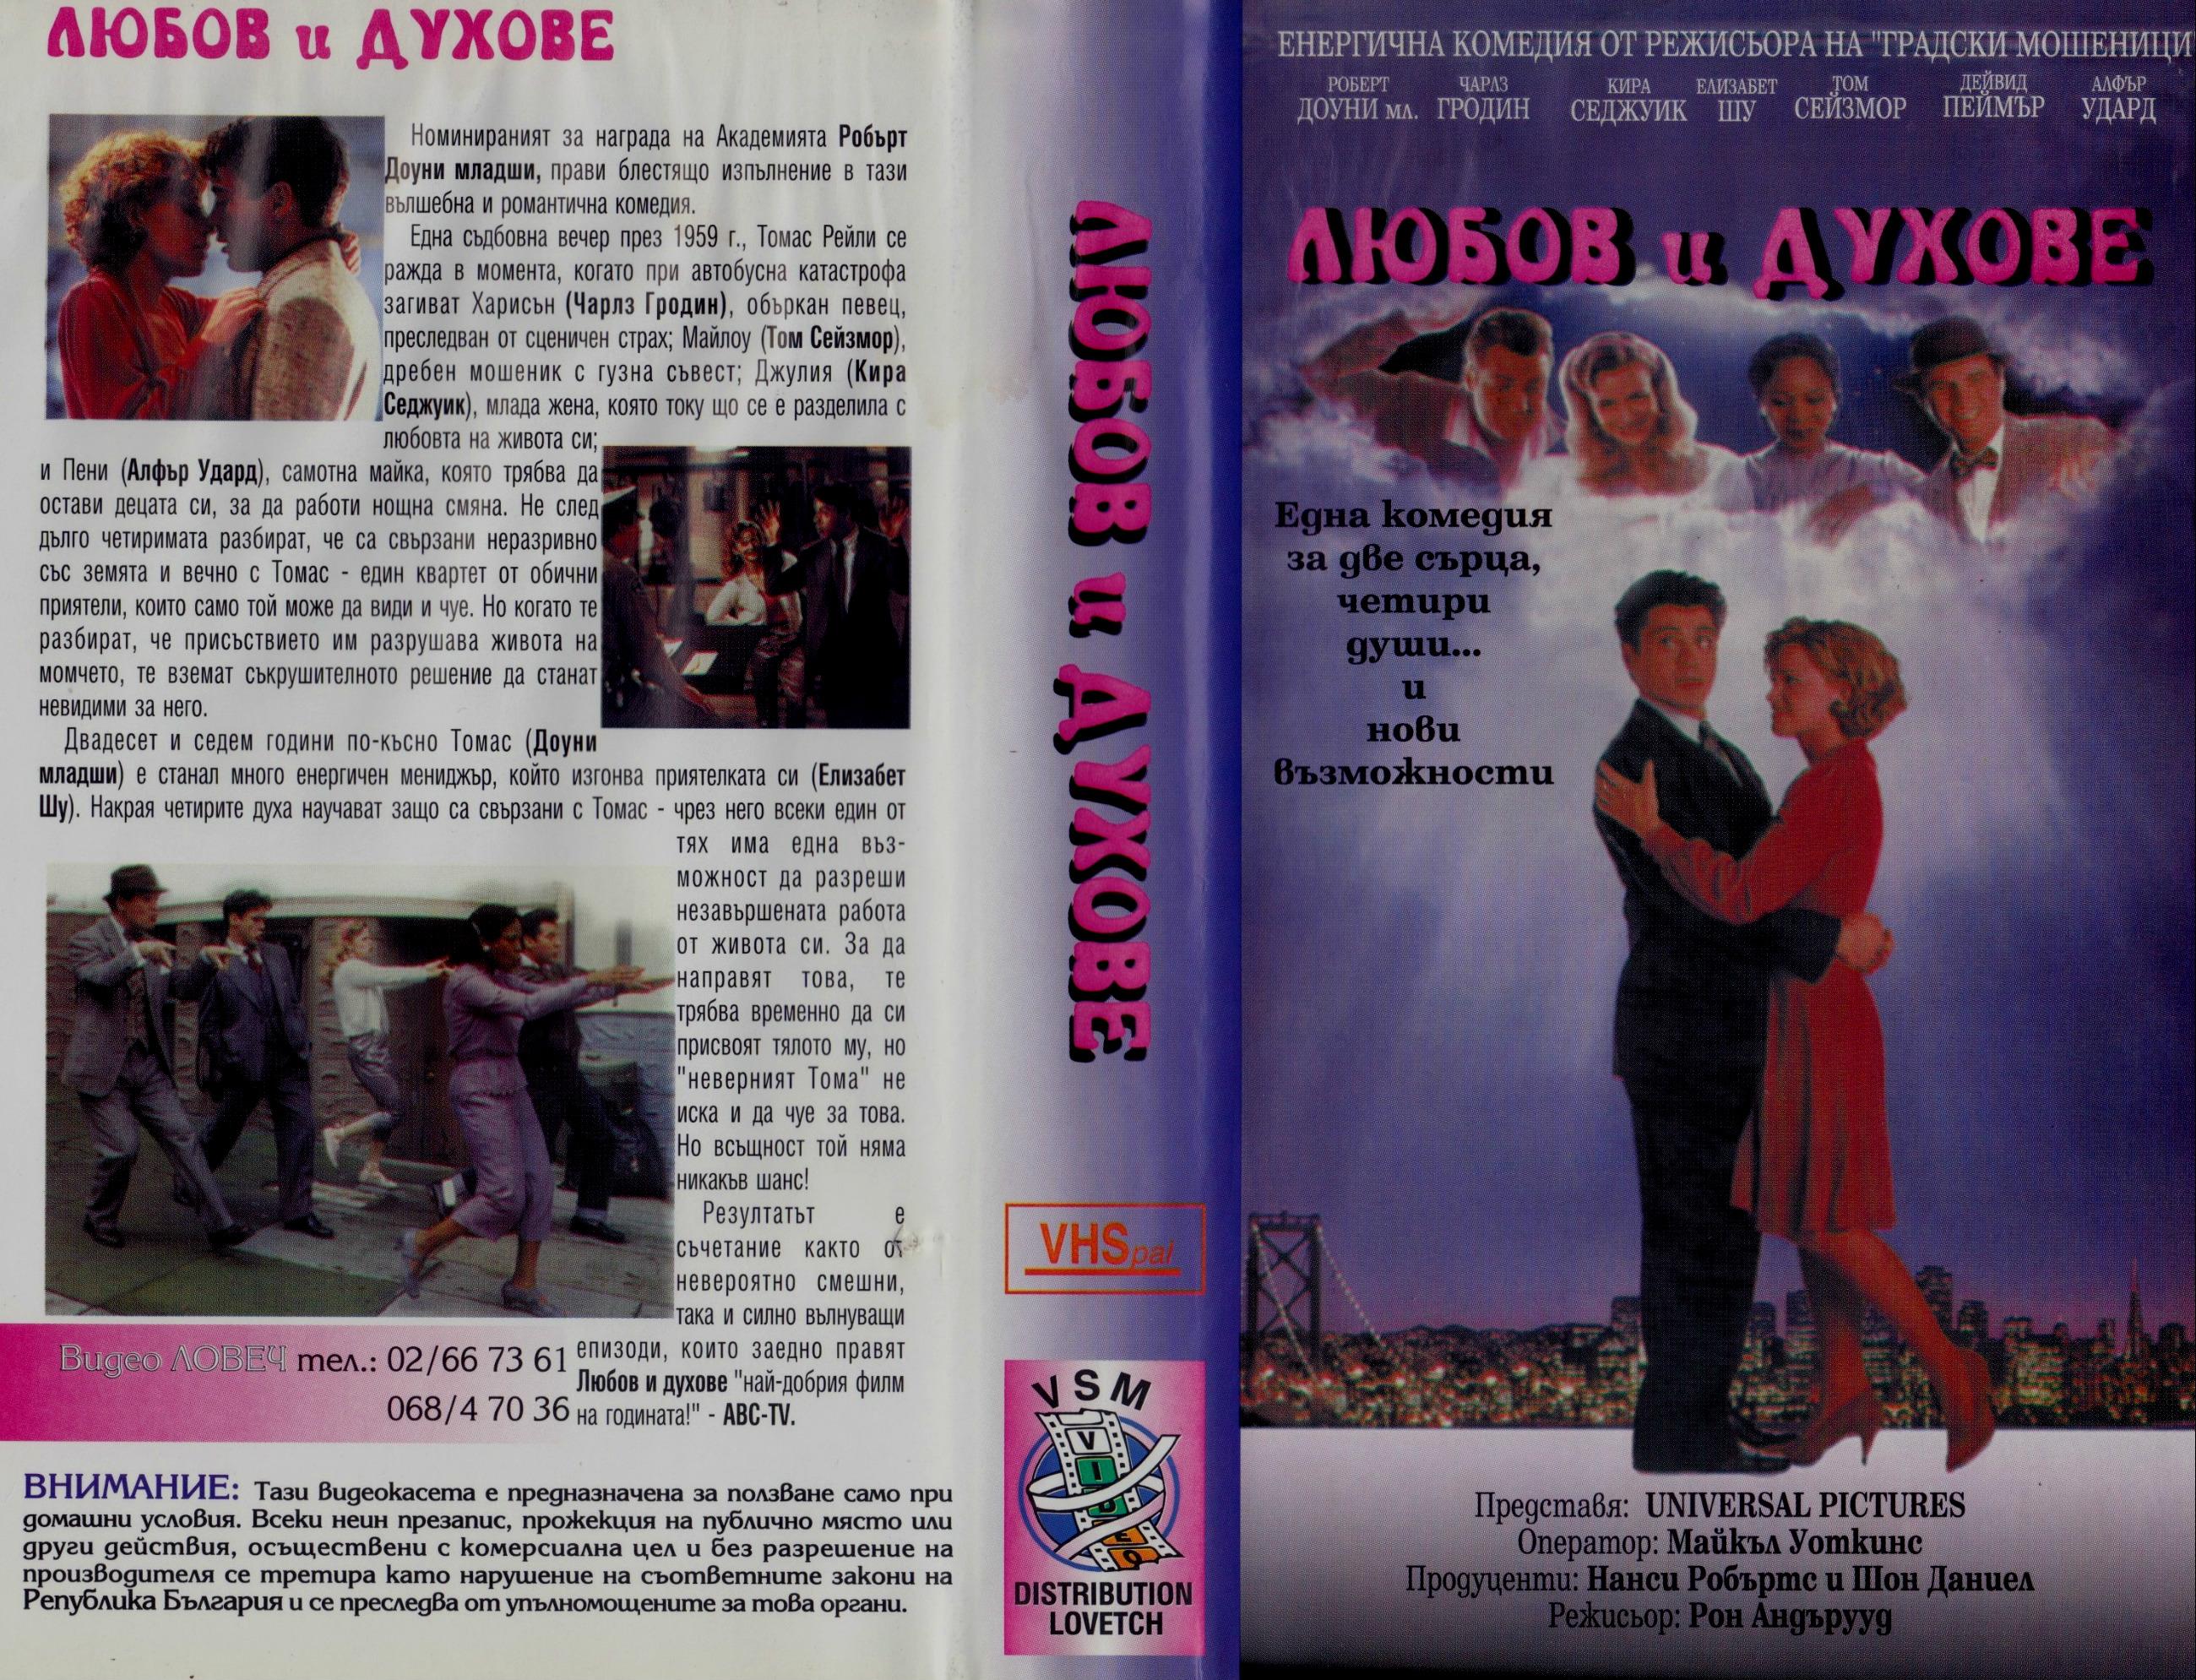 Любов и духове филм обложка